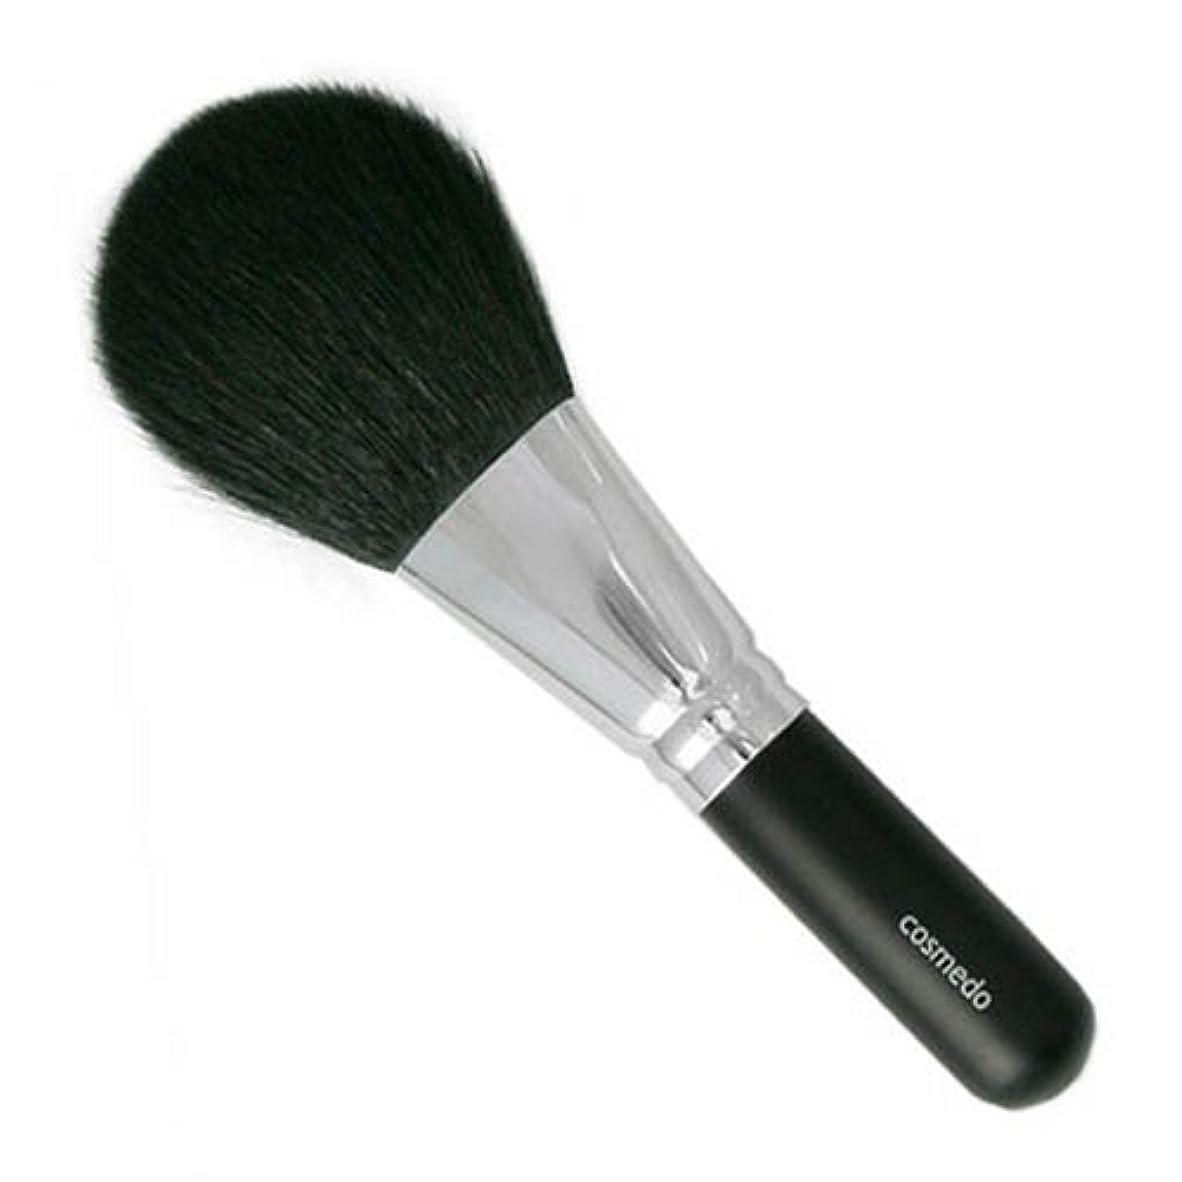 目的ビヨン最終的に匠の化粧筆コスメ堂 熊野筆 メイクブラシ 毛量たっぷり ジャンボフェイスブラシ  山羊毛(白尖/粗光峰) 日本製 ( 黒軸ロングタイプ / パウダーブラシ / フェイスブラシ ) E-16